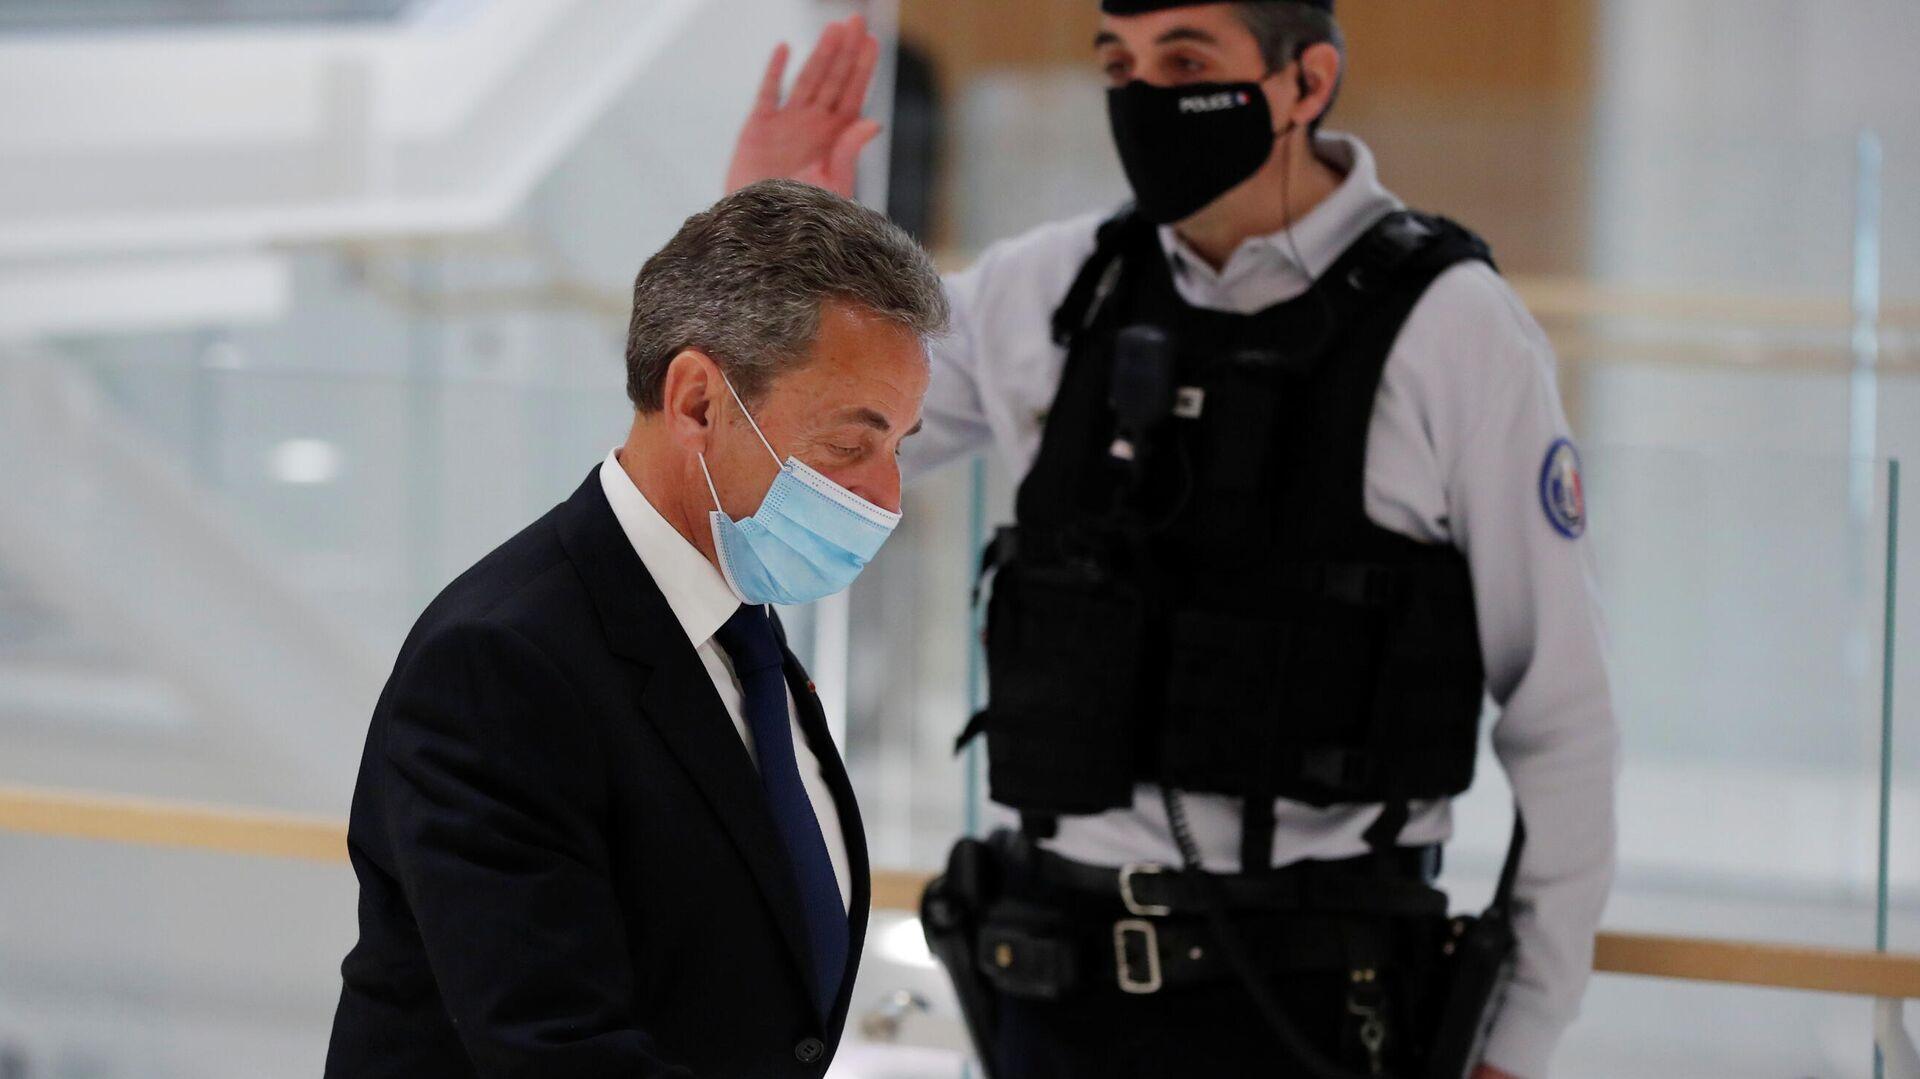 Бывший президент Франции Николя Саркози в здании суда после вынесения приговора - РИА Новости, 1920, 02.03.2021